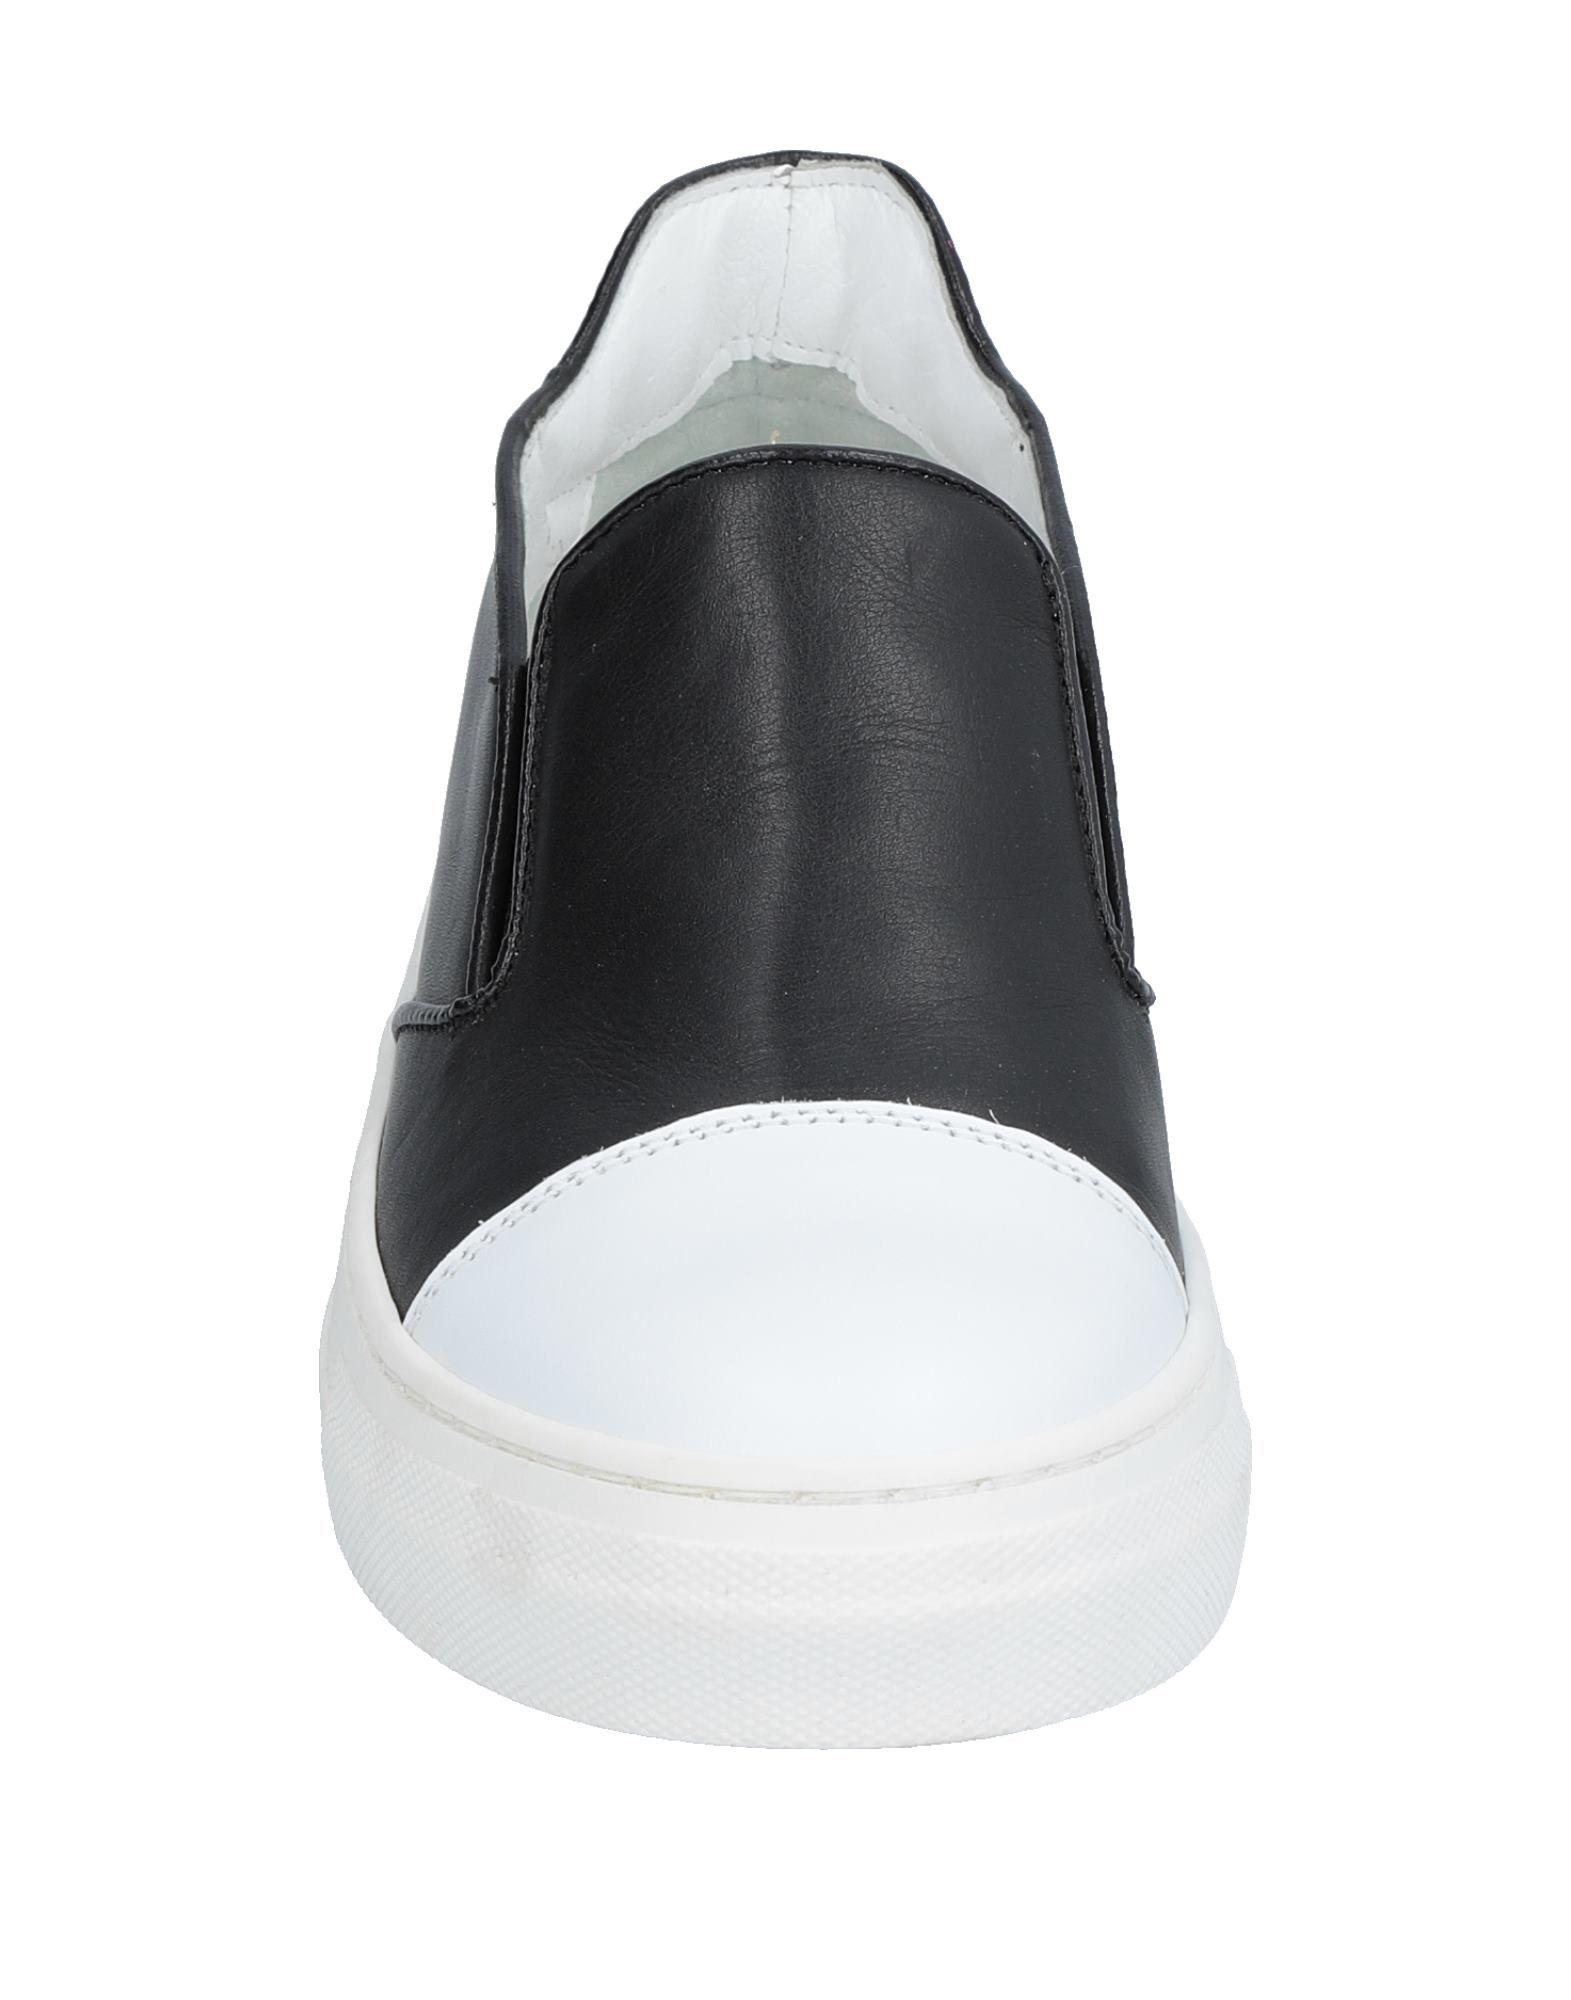 Fiamme Sneakers Damen  11525988KI Gute beliebte Qualität beliebte Gute Schuhe d2517a